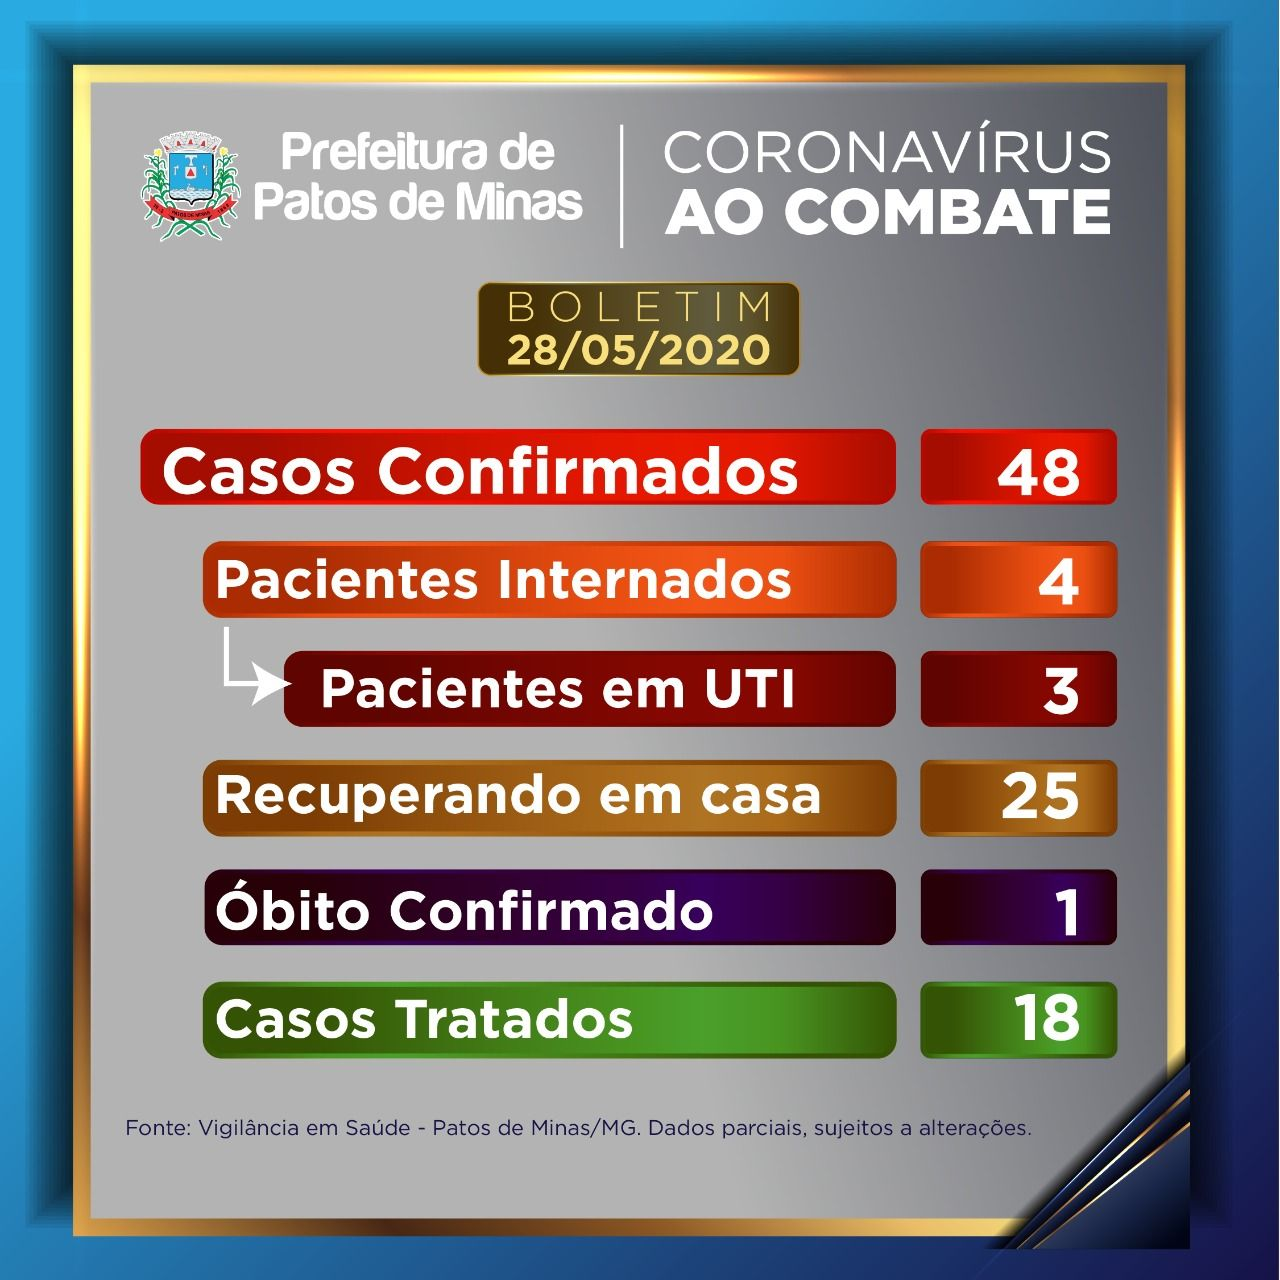 Casos confirmados de Covid-19 seguem aumentando em Patos de Minas e chegam a 48